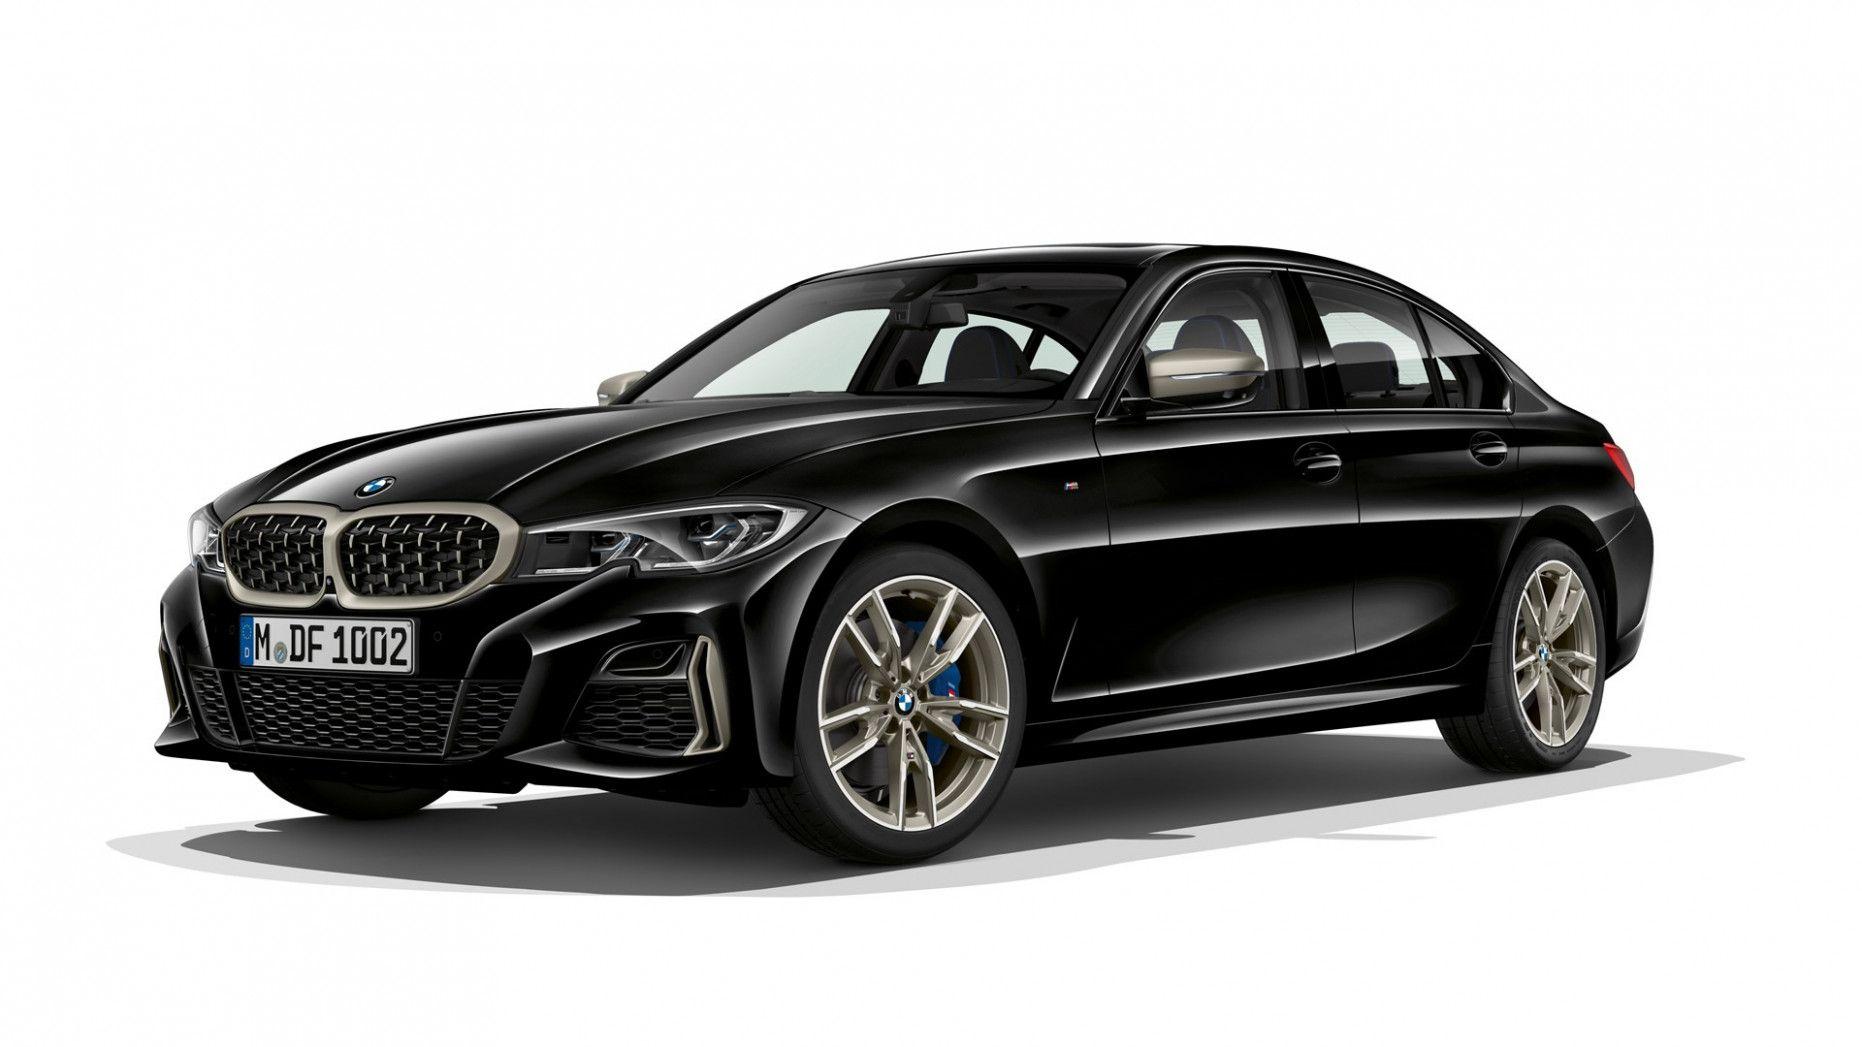 2020 Bmw M340i Price in 2020 Bmw, New bmw, Bmw 3 series